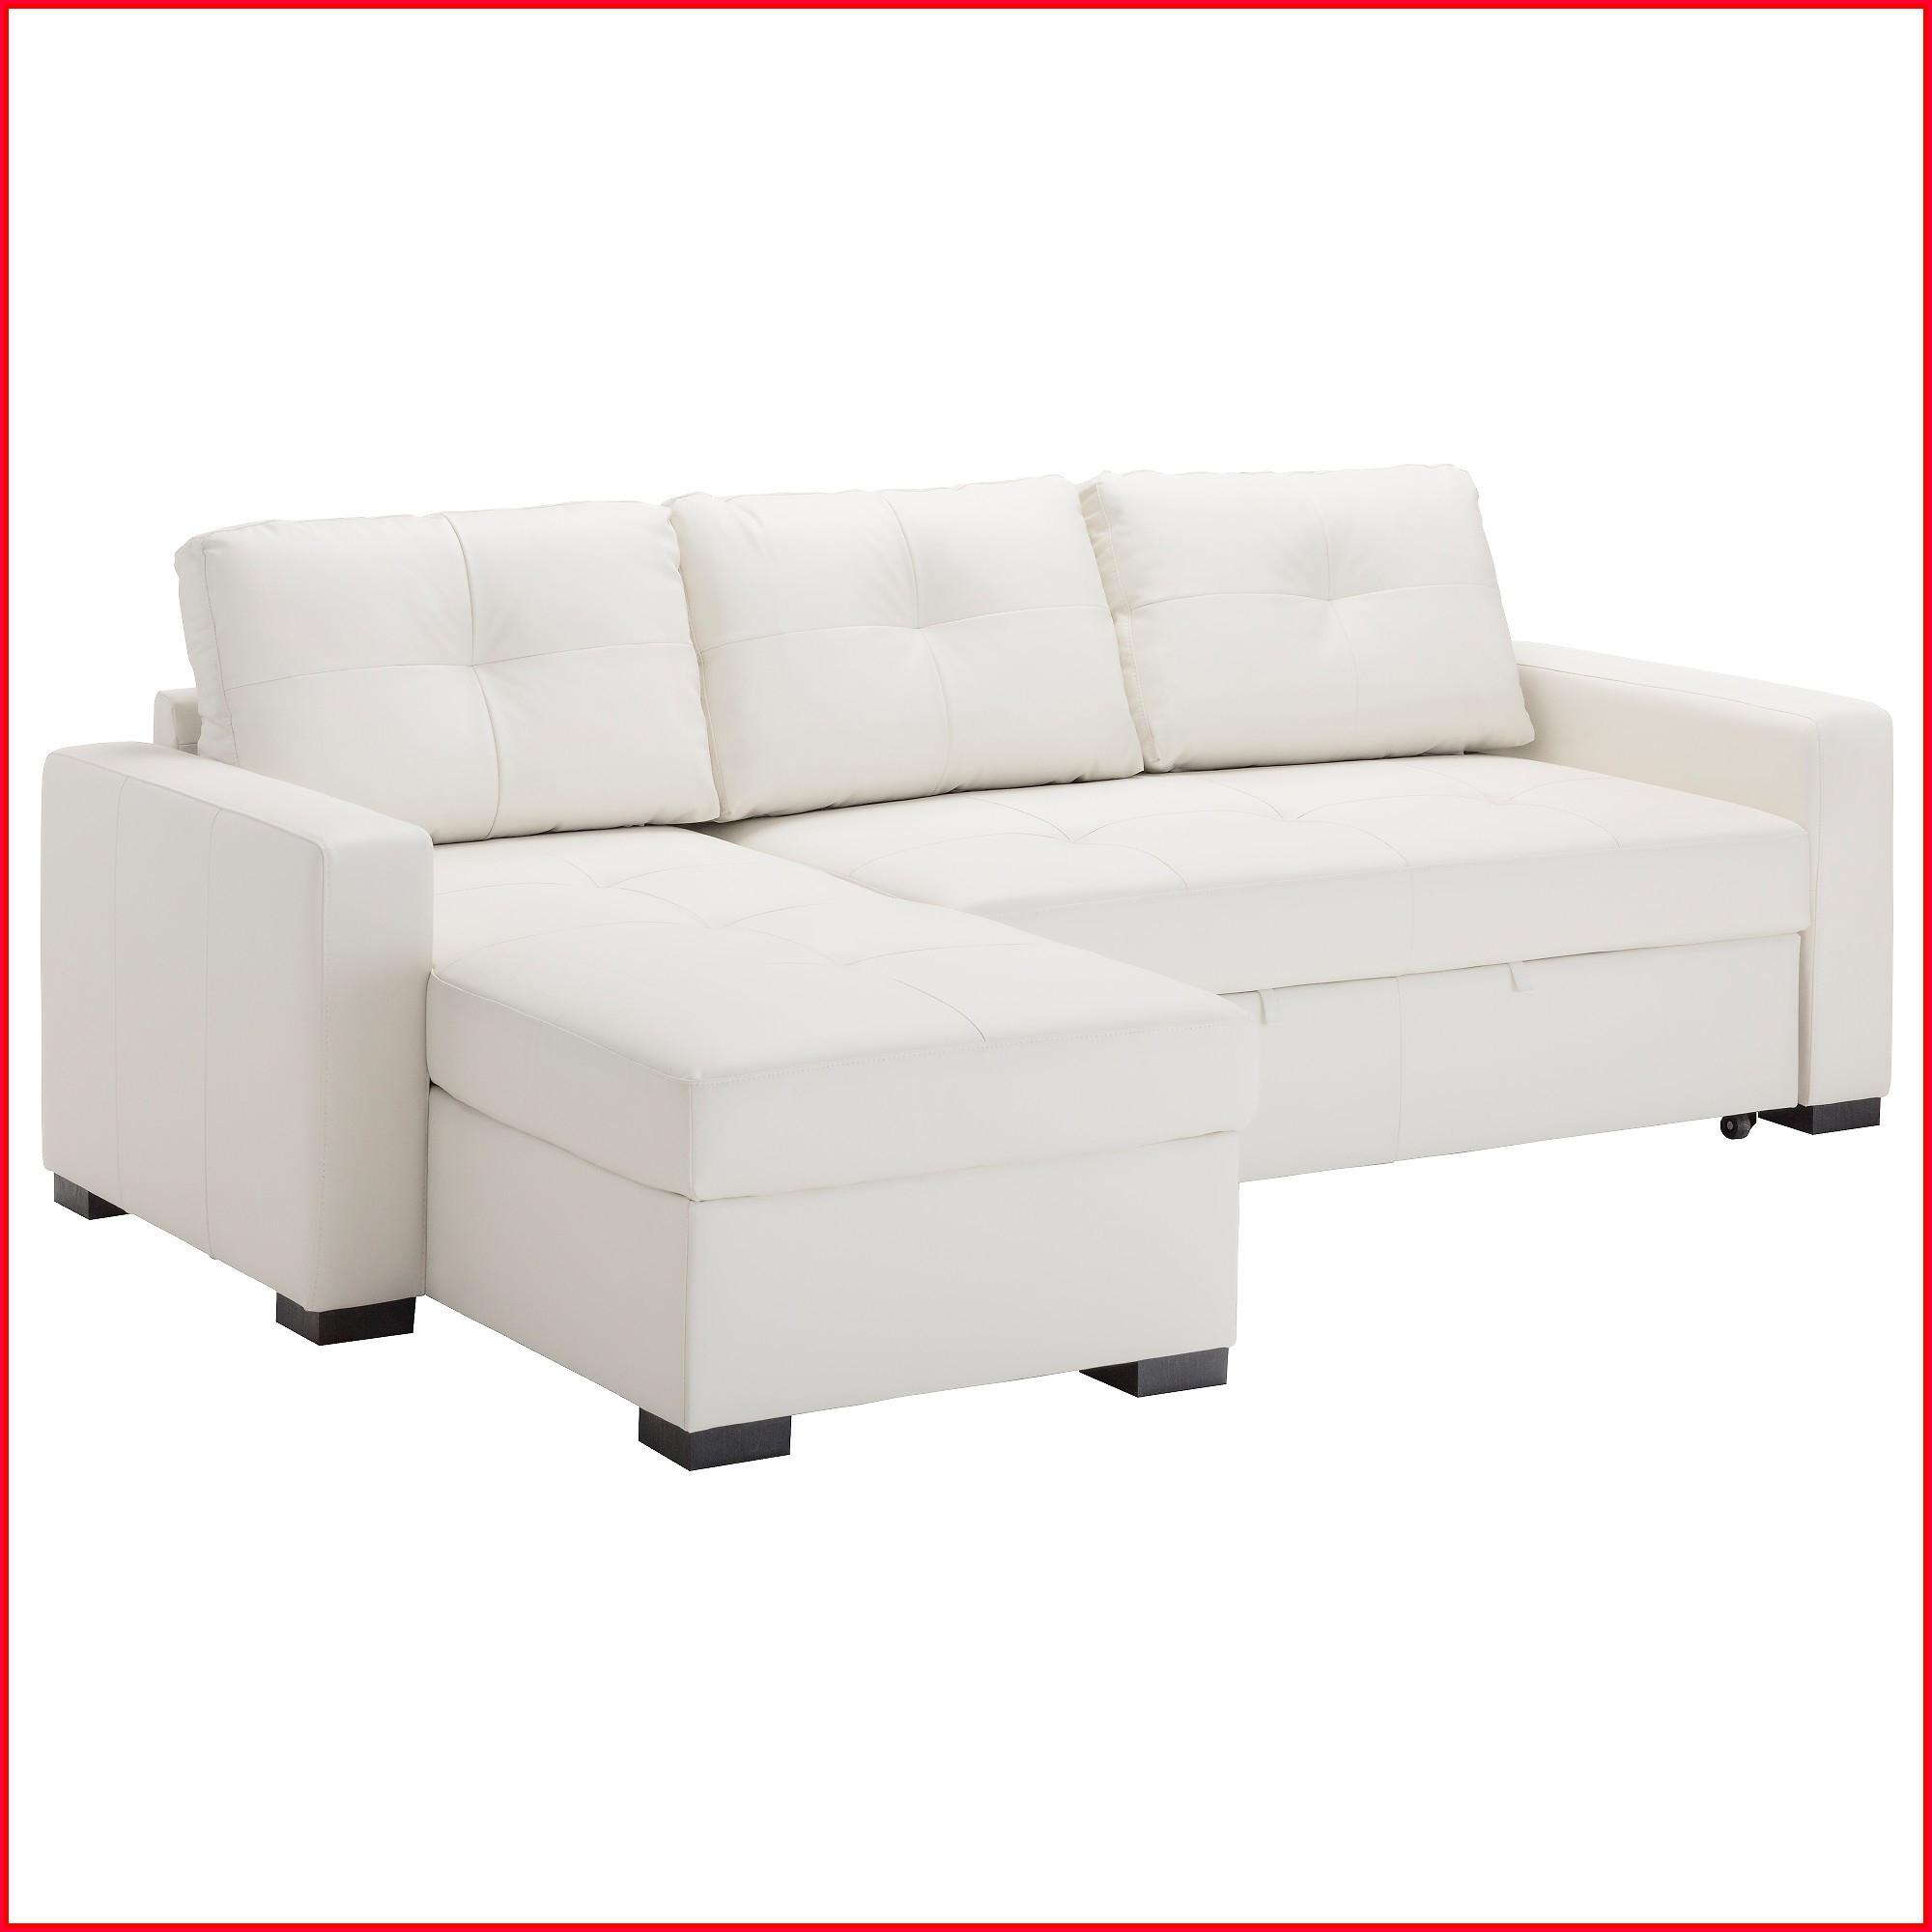 Sofa Cama De Diseño Y7du sofa Cama De Diseà O Ertas sofas Cama sofà Cama Reclinable Con